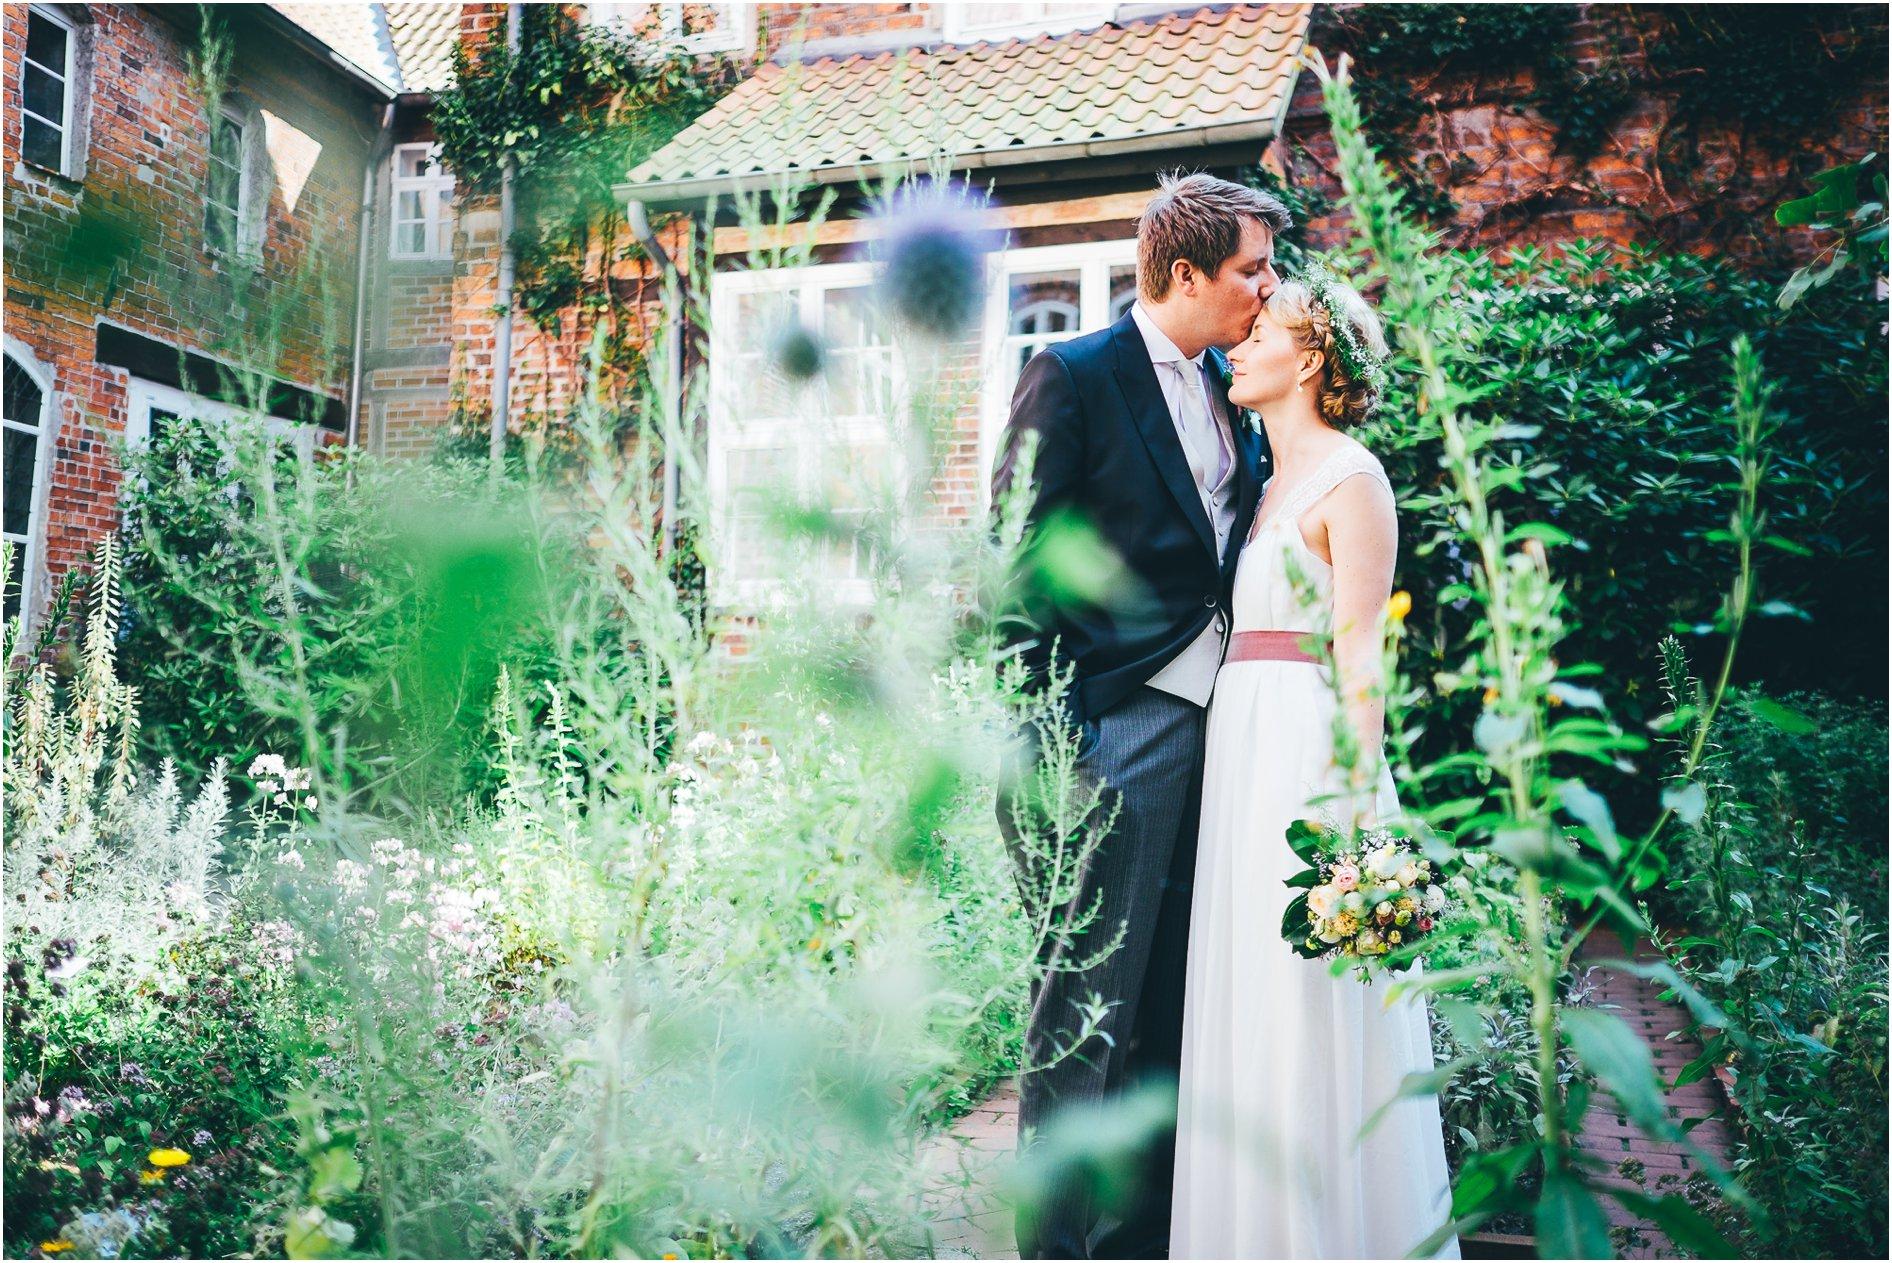 2014-10-13_0094 Jenny & Matthias - Hochzeitsfotograf auf Gut Bardenhagen